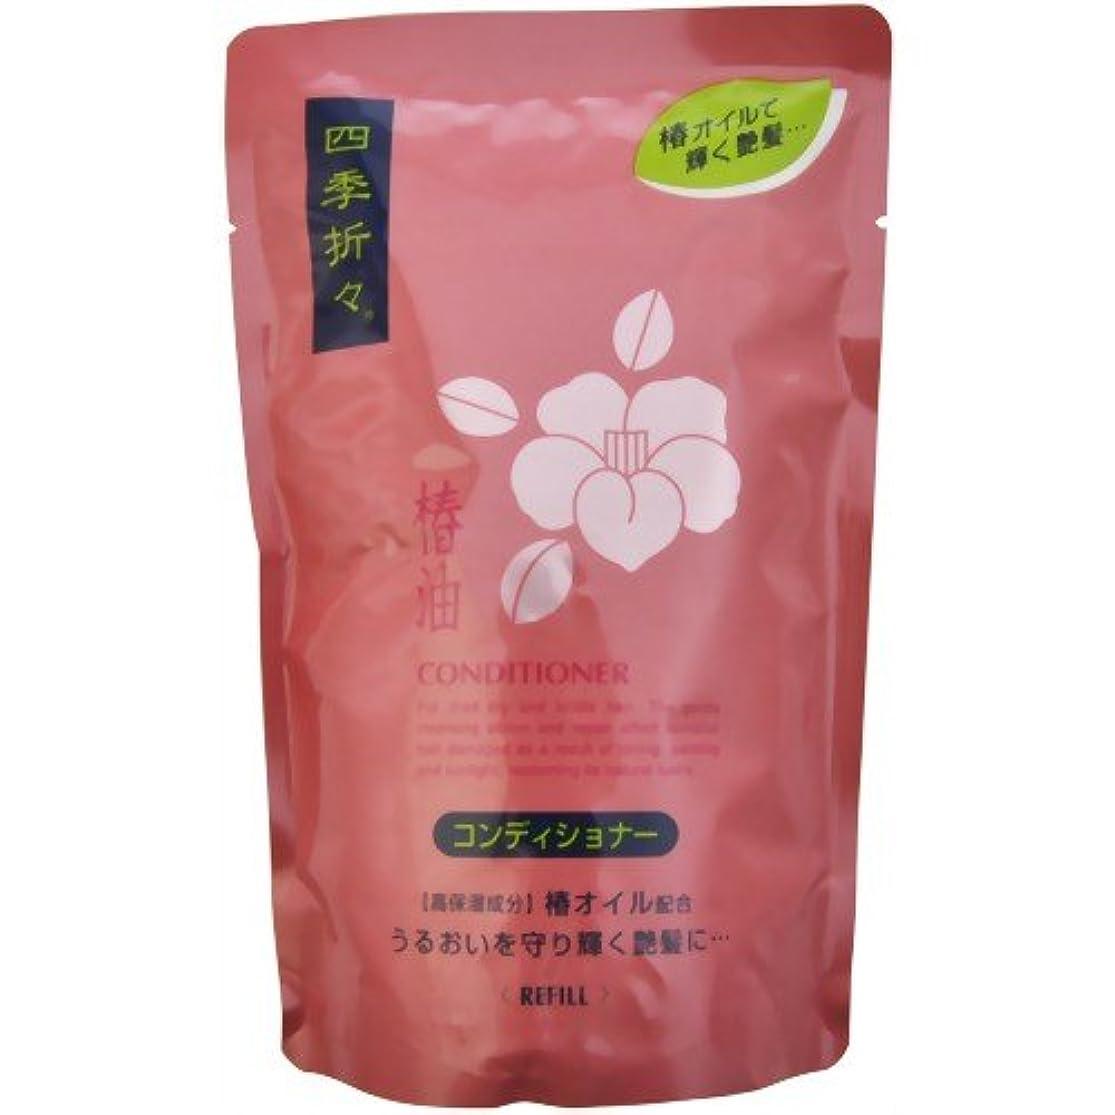 誤むしゃむしゃお母さん熊野油脂 四季折々 椿油コンディショナー 詰替用 450ml